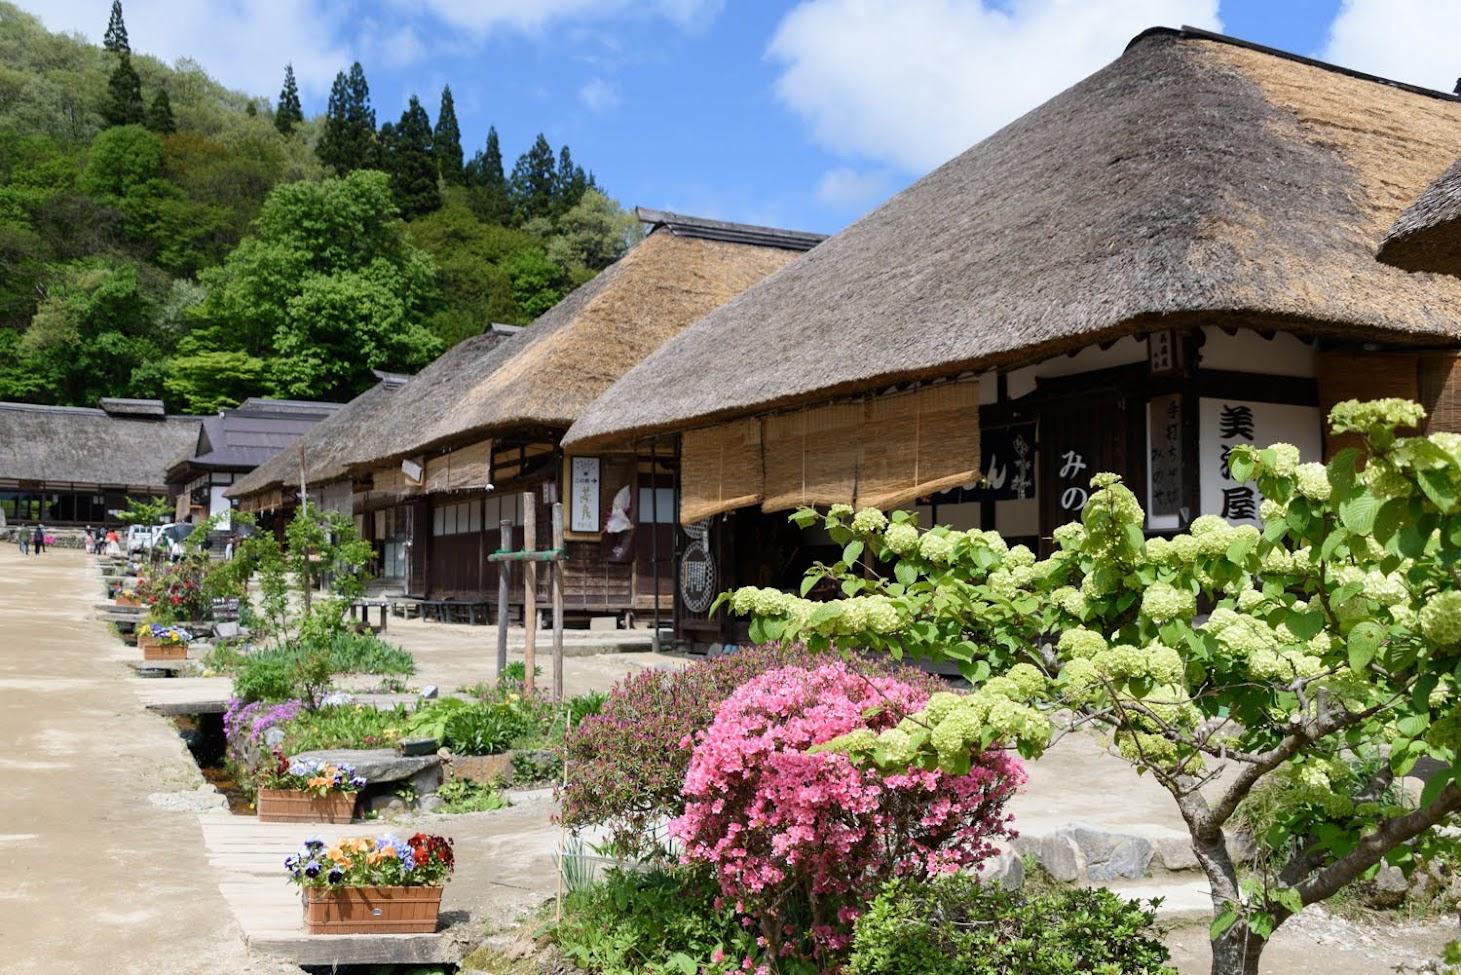 【旅21日目】江戸時代の宿場そのままに、日本の原風景が残る「大内宿」